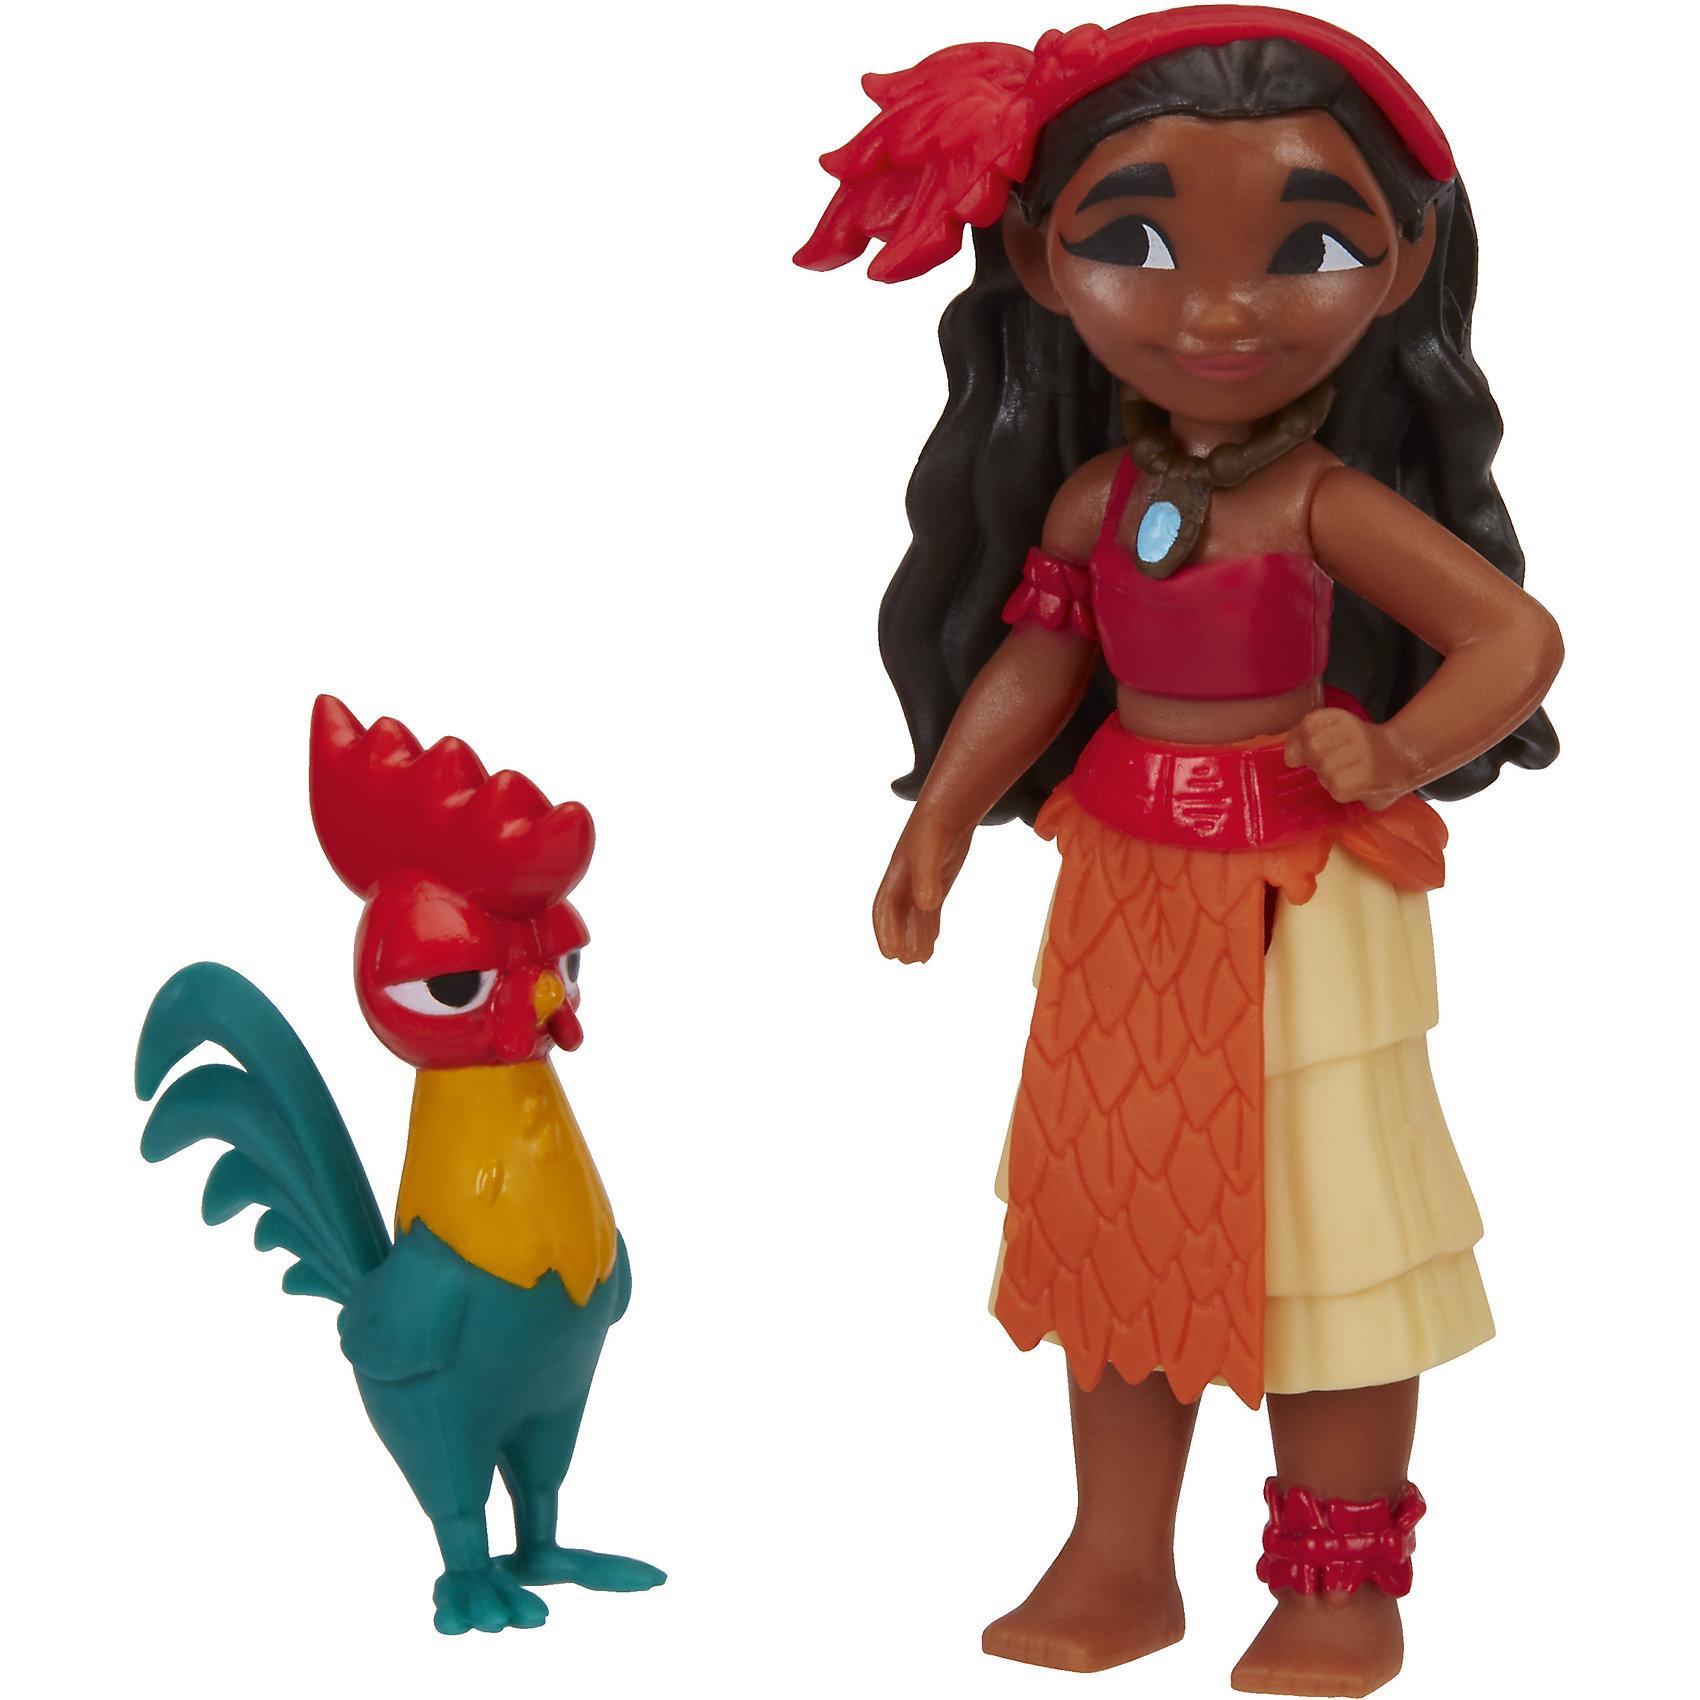 Маленькие куклы Моана и Хей-Хей, МоанаЭта кукла высотой 7,6 см идет в наборе с вашим любимым героем мультфильма и маленьким другом. Вместе с Моаной в наборе Хей-Хей.<br><br>Ширина мм: 57<br>Глубина мм: 127<br>Высота мм: 152<br>Вес г: 62<br>Возраст от месяцев: 36<br>Возраст до месяцев: 144<br>Пол: Женский<br>Возраст: Детский<br>SKU: 5205210